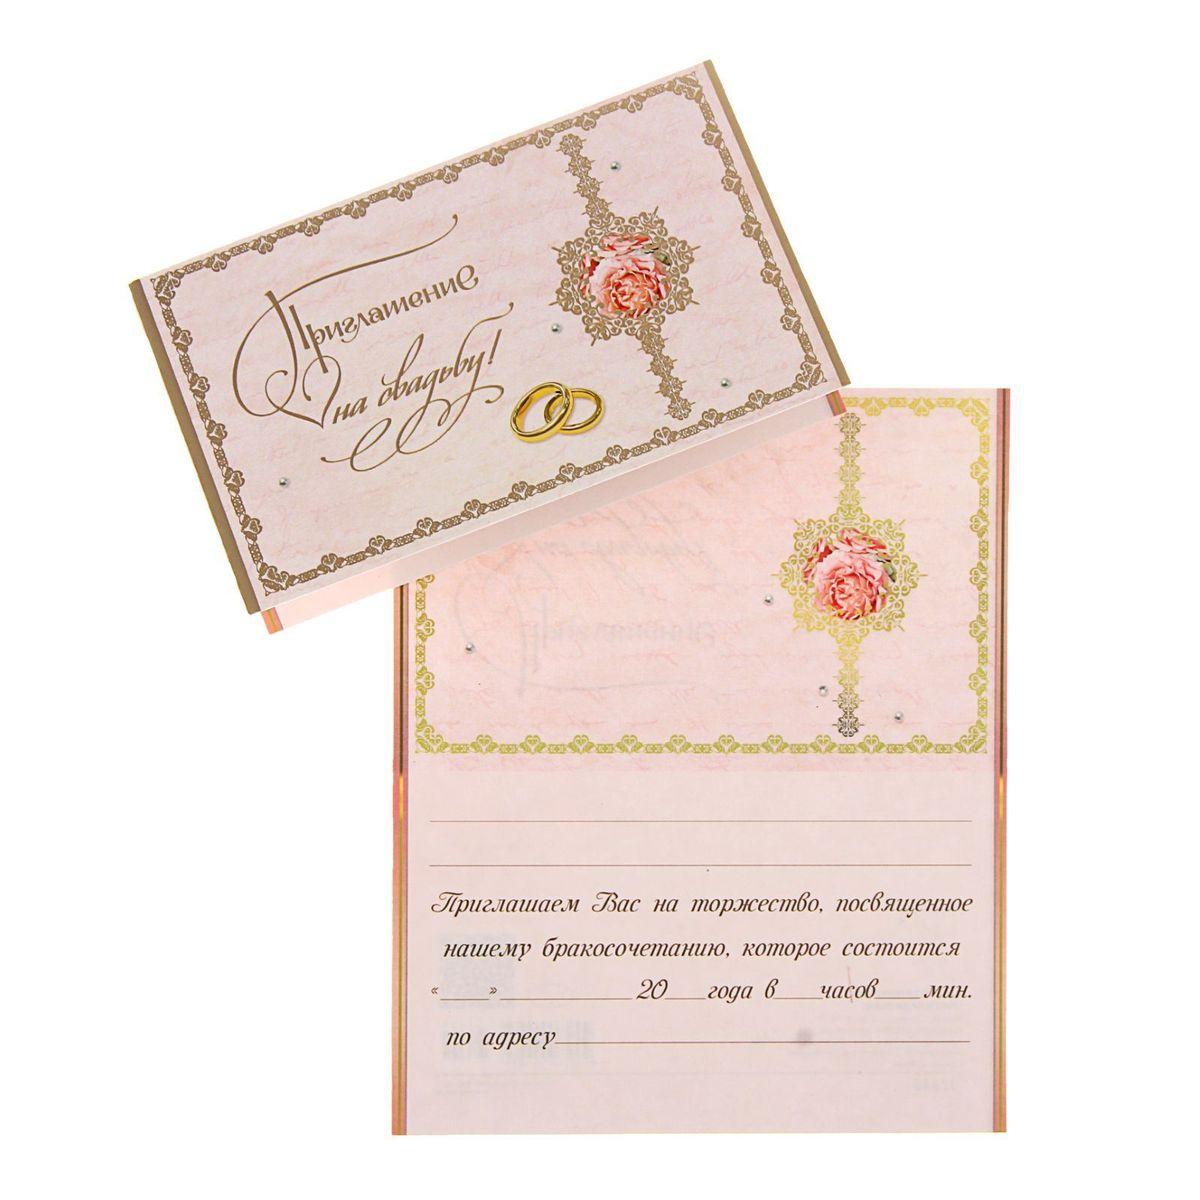 Приглашение на свадьбу Русский дизайн Роза и кольца, 17 х 14 см09840-20.000.00Красивая свадебная пригласительная открытка станет незаменимым атрибутом подготовки к предстоящему торжеству и позволит объявить самым дорогим вам людям о важном событии в вашей жизни. Приглашение на свадьбу Русский дизайн Роза и кольца, выполненное изкартона, отличается не только оригинальным дизайном, но и высоким качеством. Внутри - текстприглашения. Вам остается заполнить необходимые строки и раздать гостям.Устройте себе незабываемую свадьбу! Размер: 17 х 14 см.